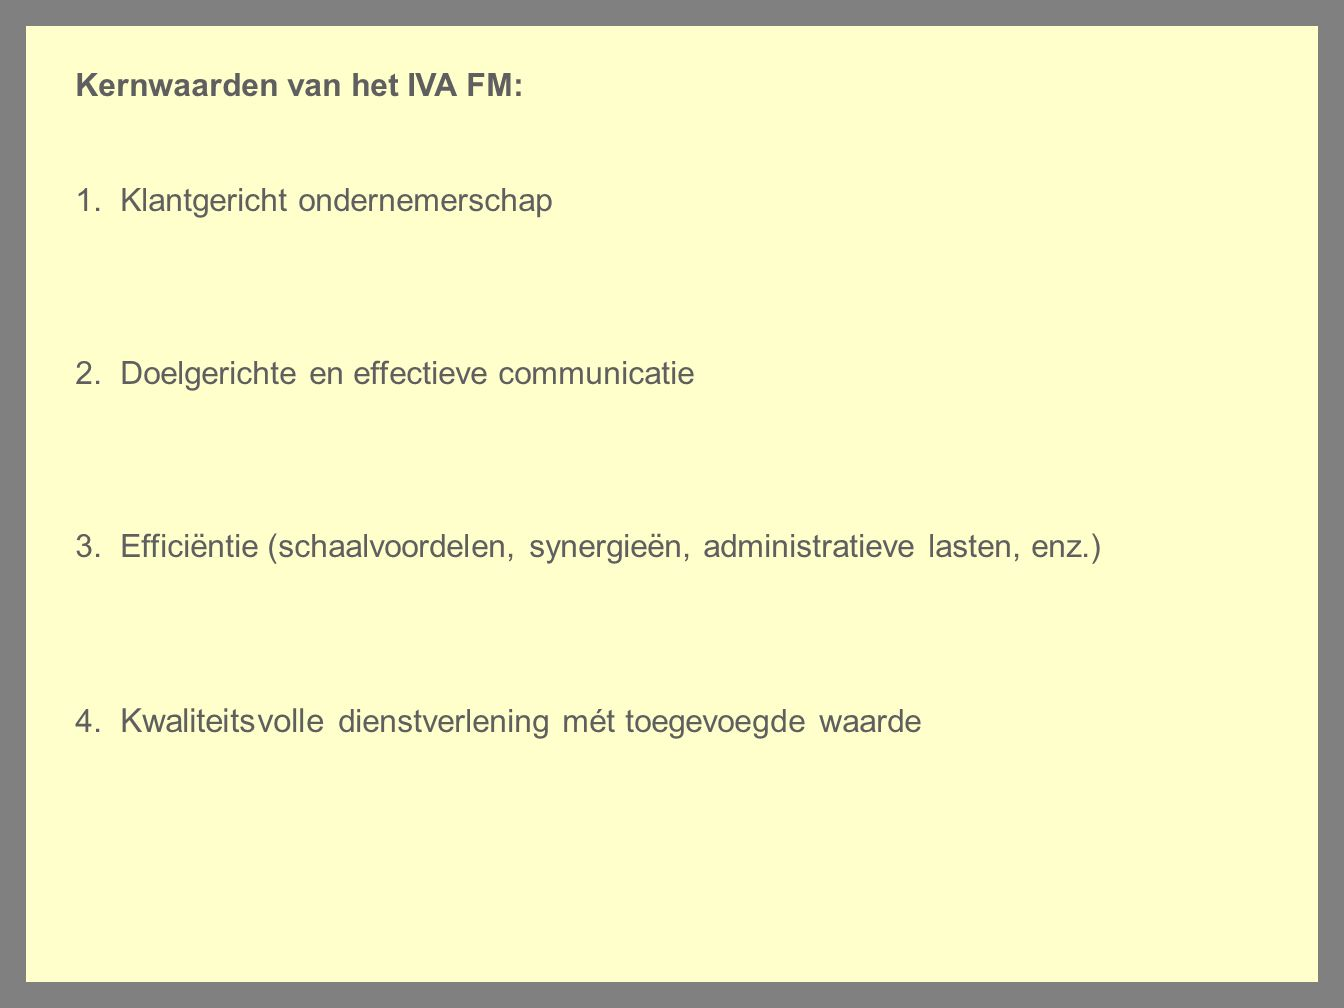 Kernwaarden van het IVA FM: 1. Klantgericht ondernemerschap 2. Doelgerichte en effectieve communicatie 3. Efficiëntie (schaalvoordelen, synergieën, ad